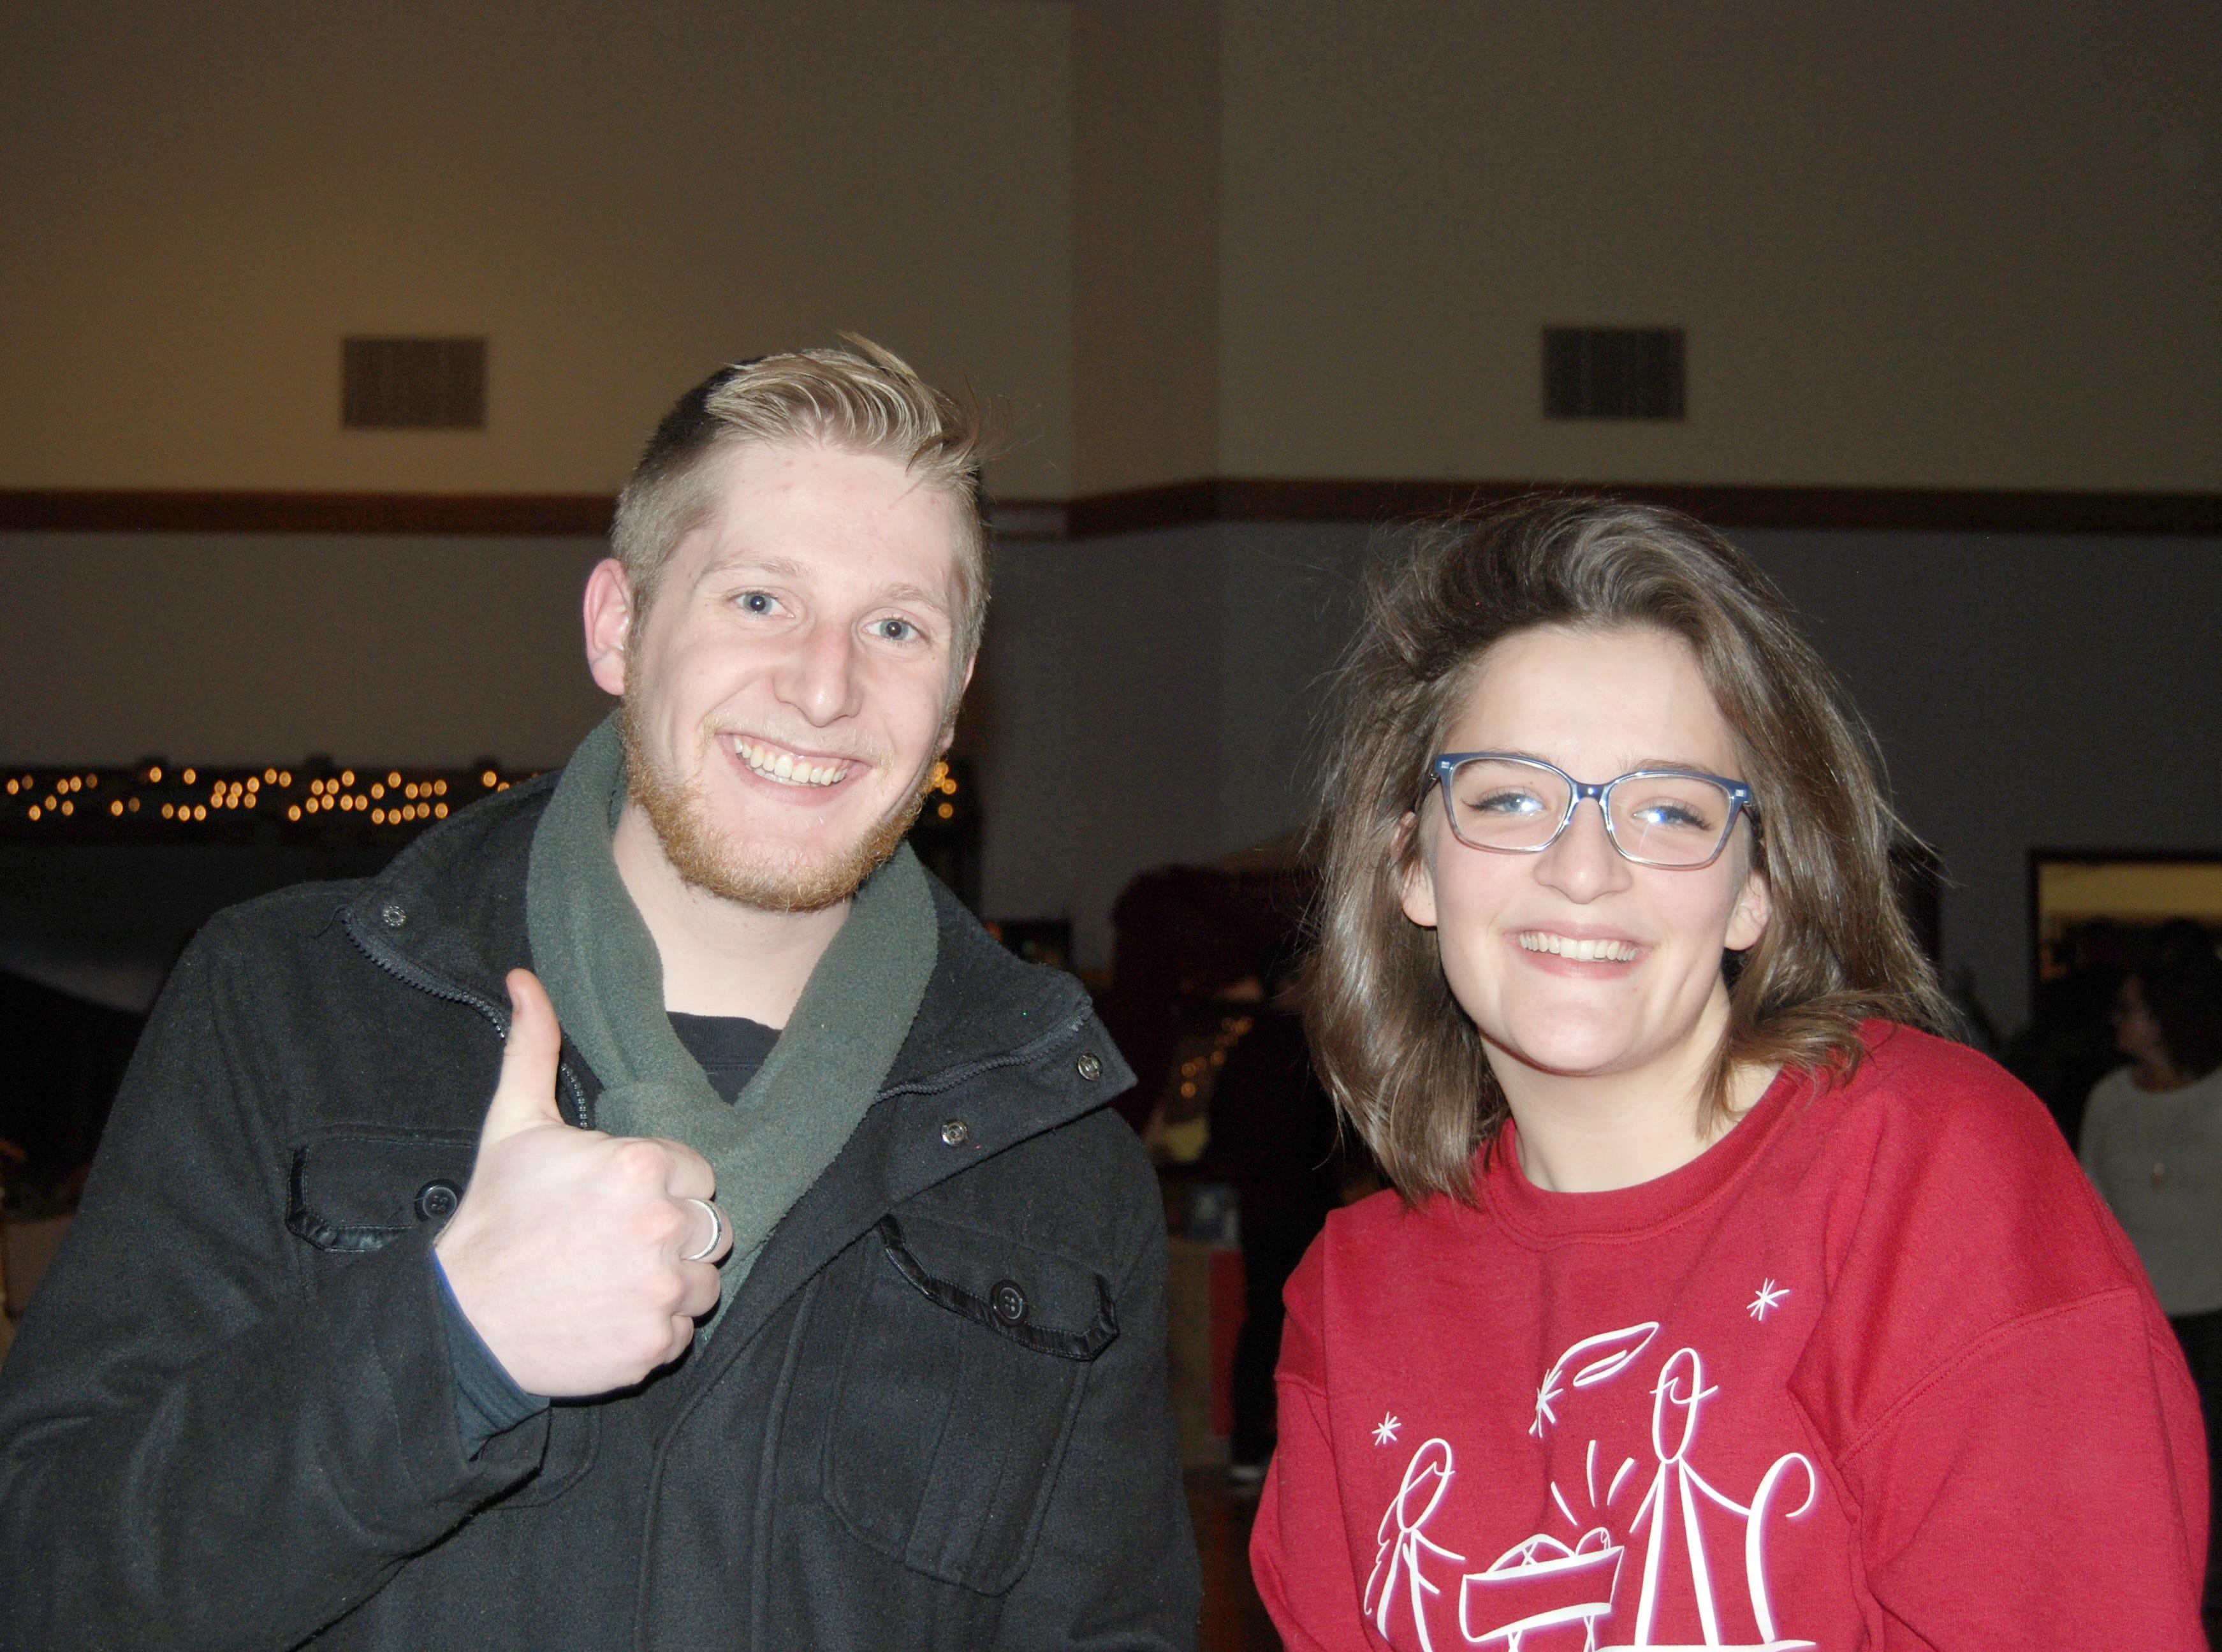 Colton Schmitt and Katy McClain